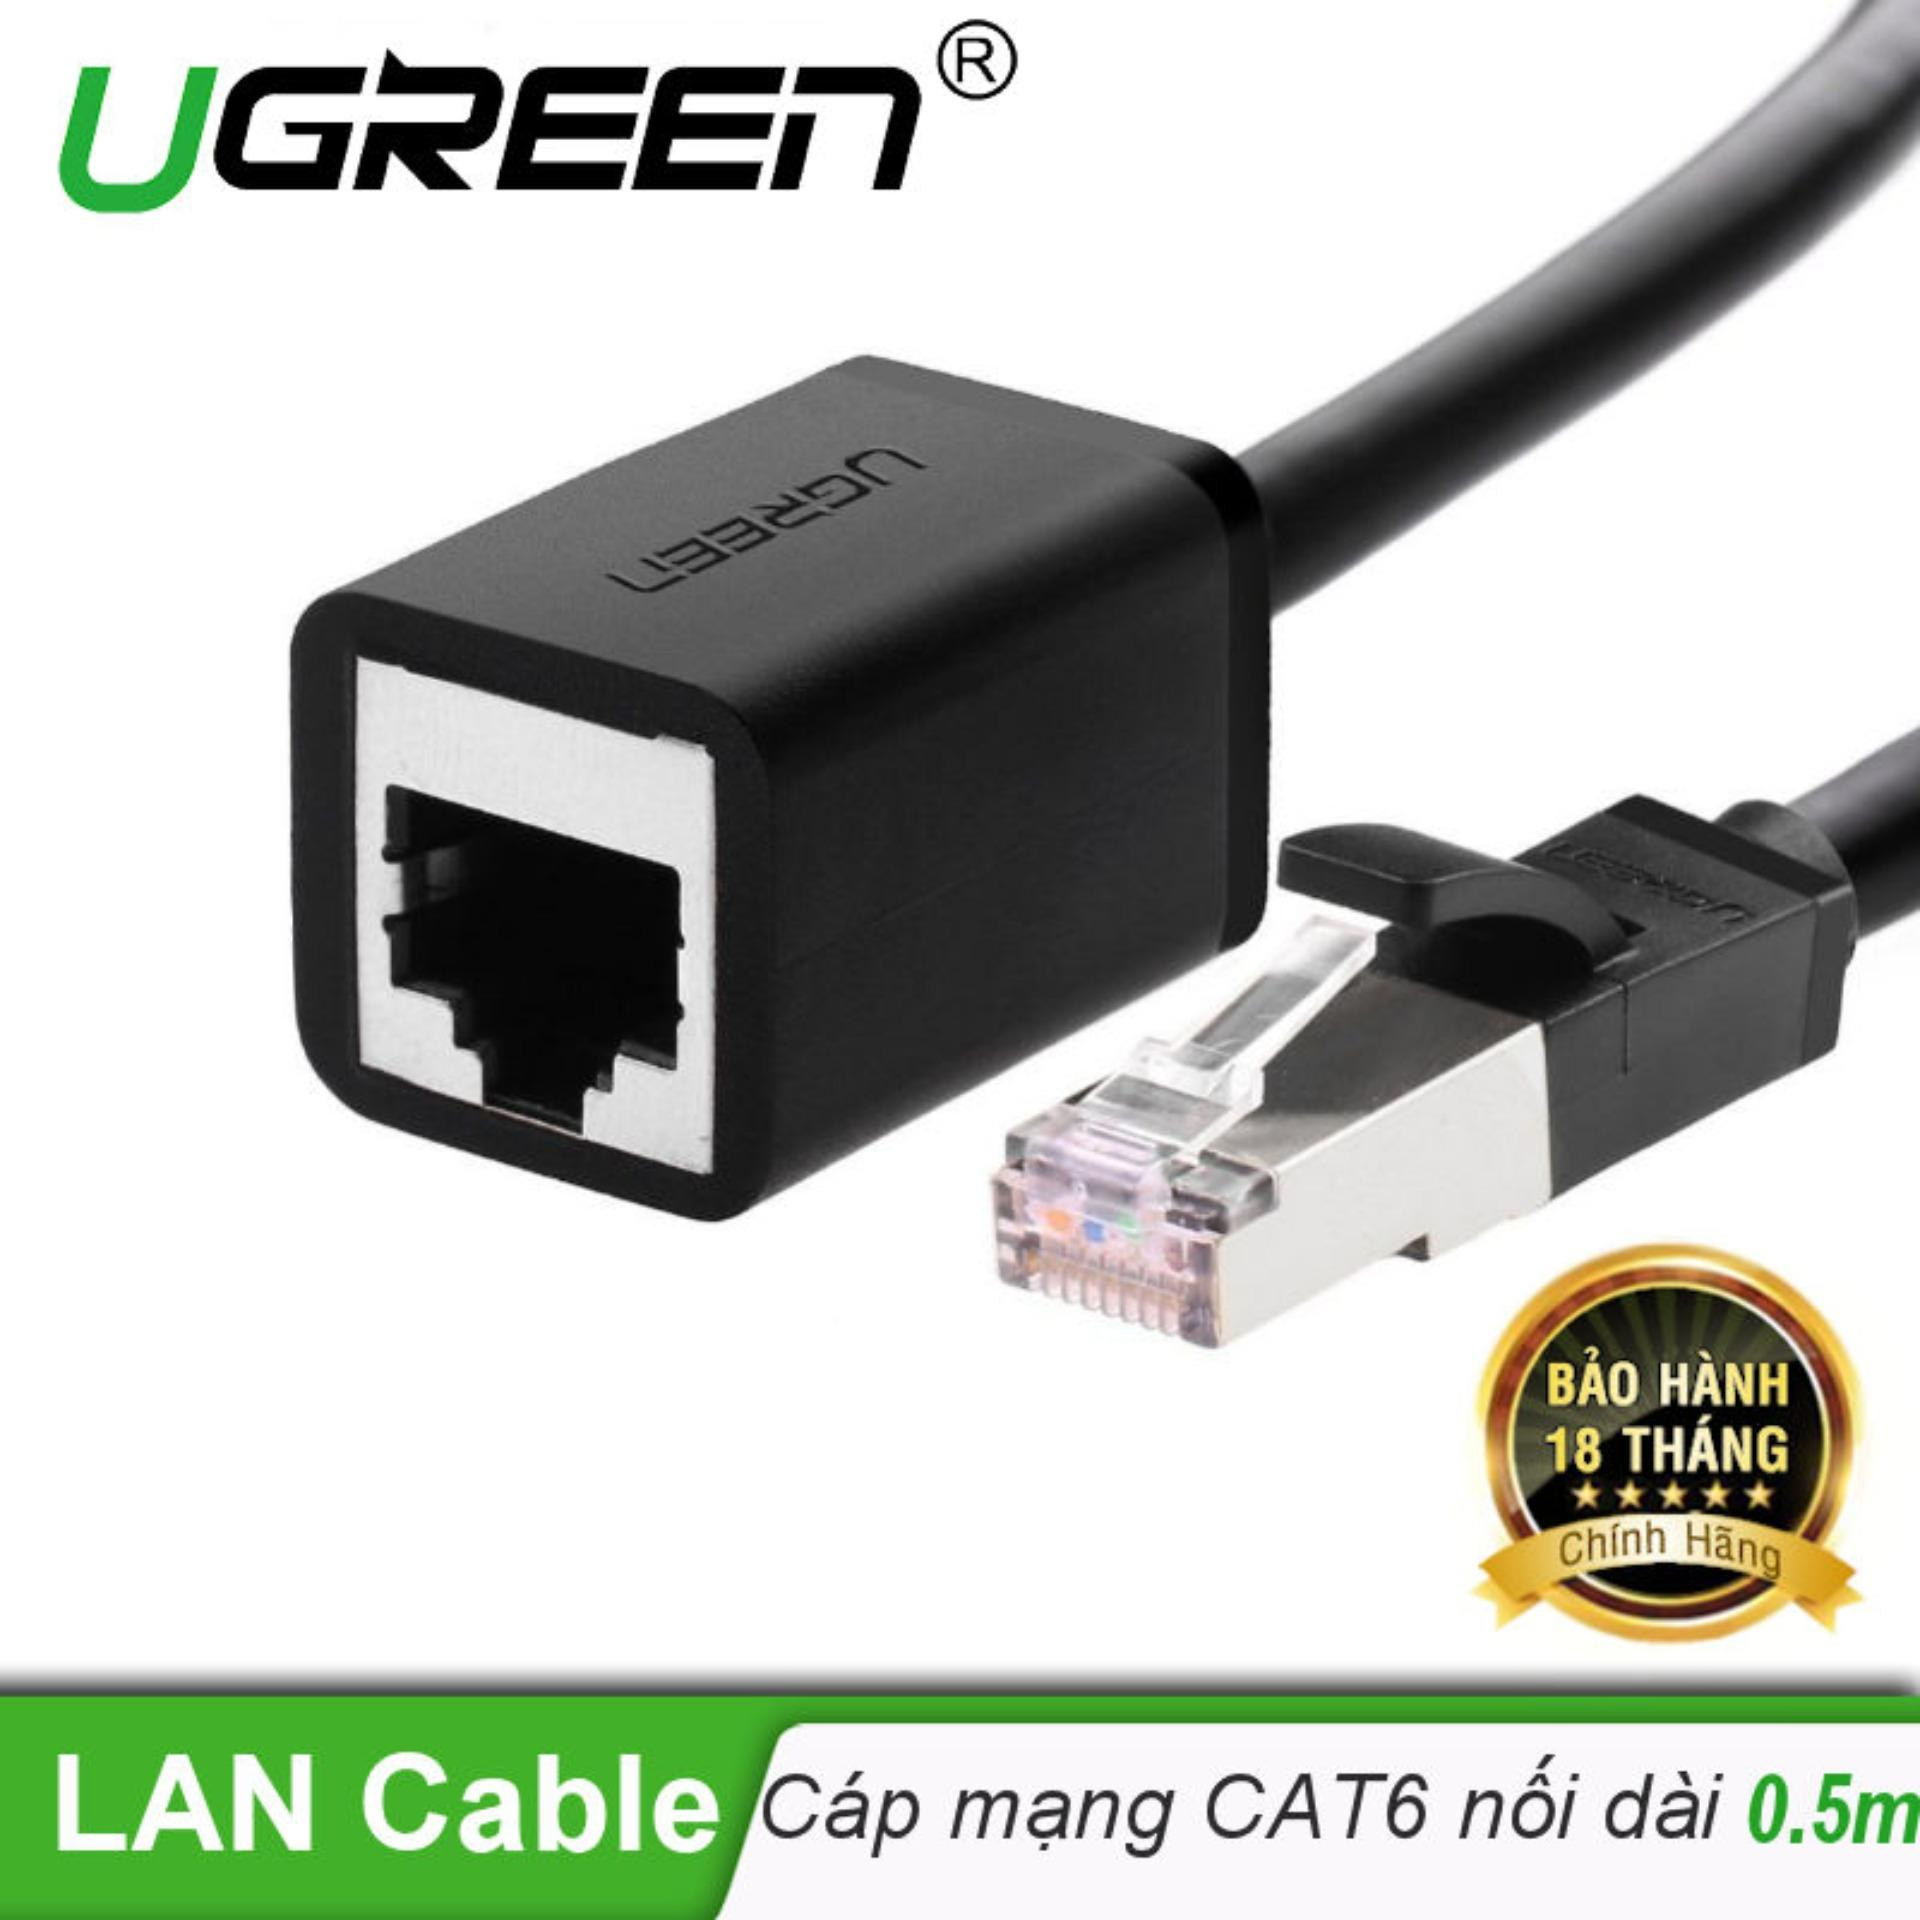 Dây cáp mạng nối dài CAT6 UTP RJ45 dài 0.5M UGREEN NW112 11278 - Hãng phân phối chính thức Nhật Bản